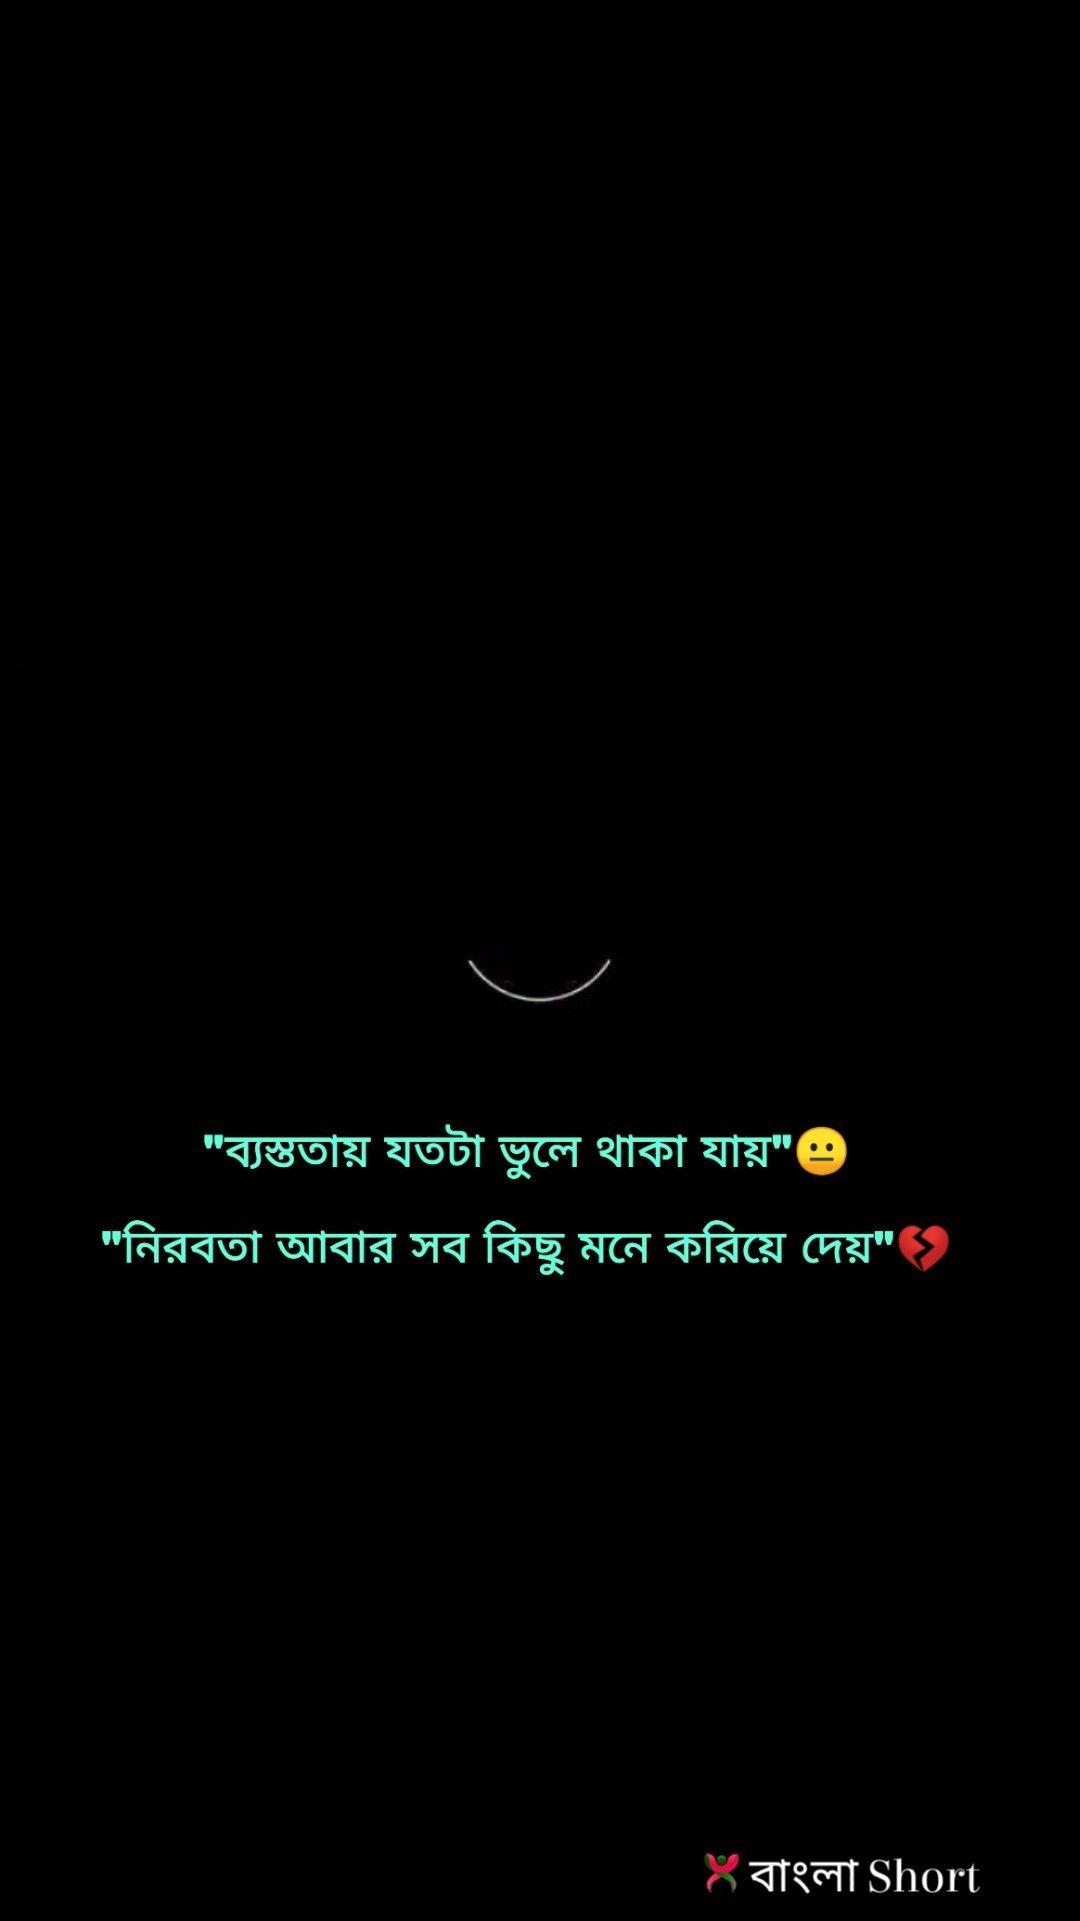 Pin by Karima Akhter on Bangla Short Beautiful quotes